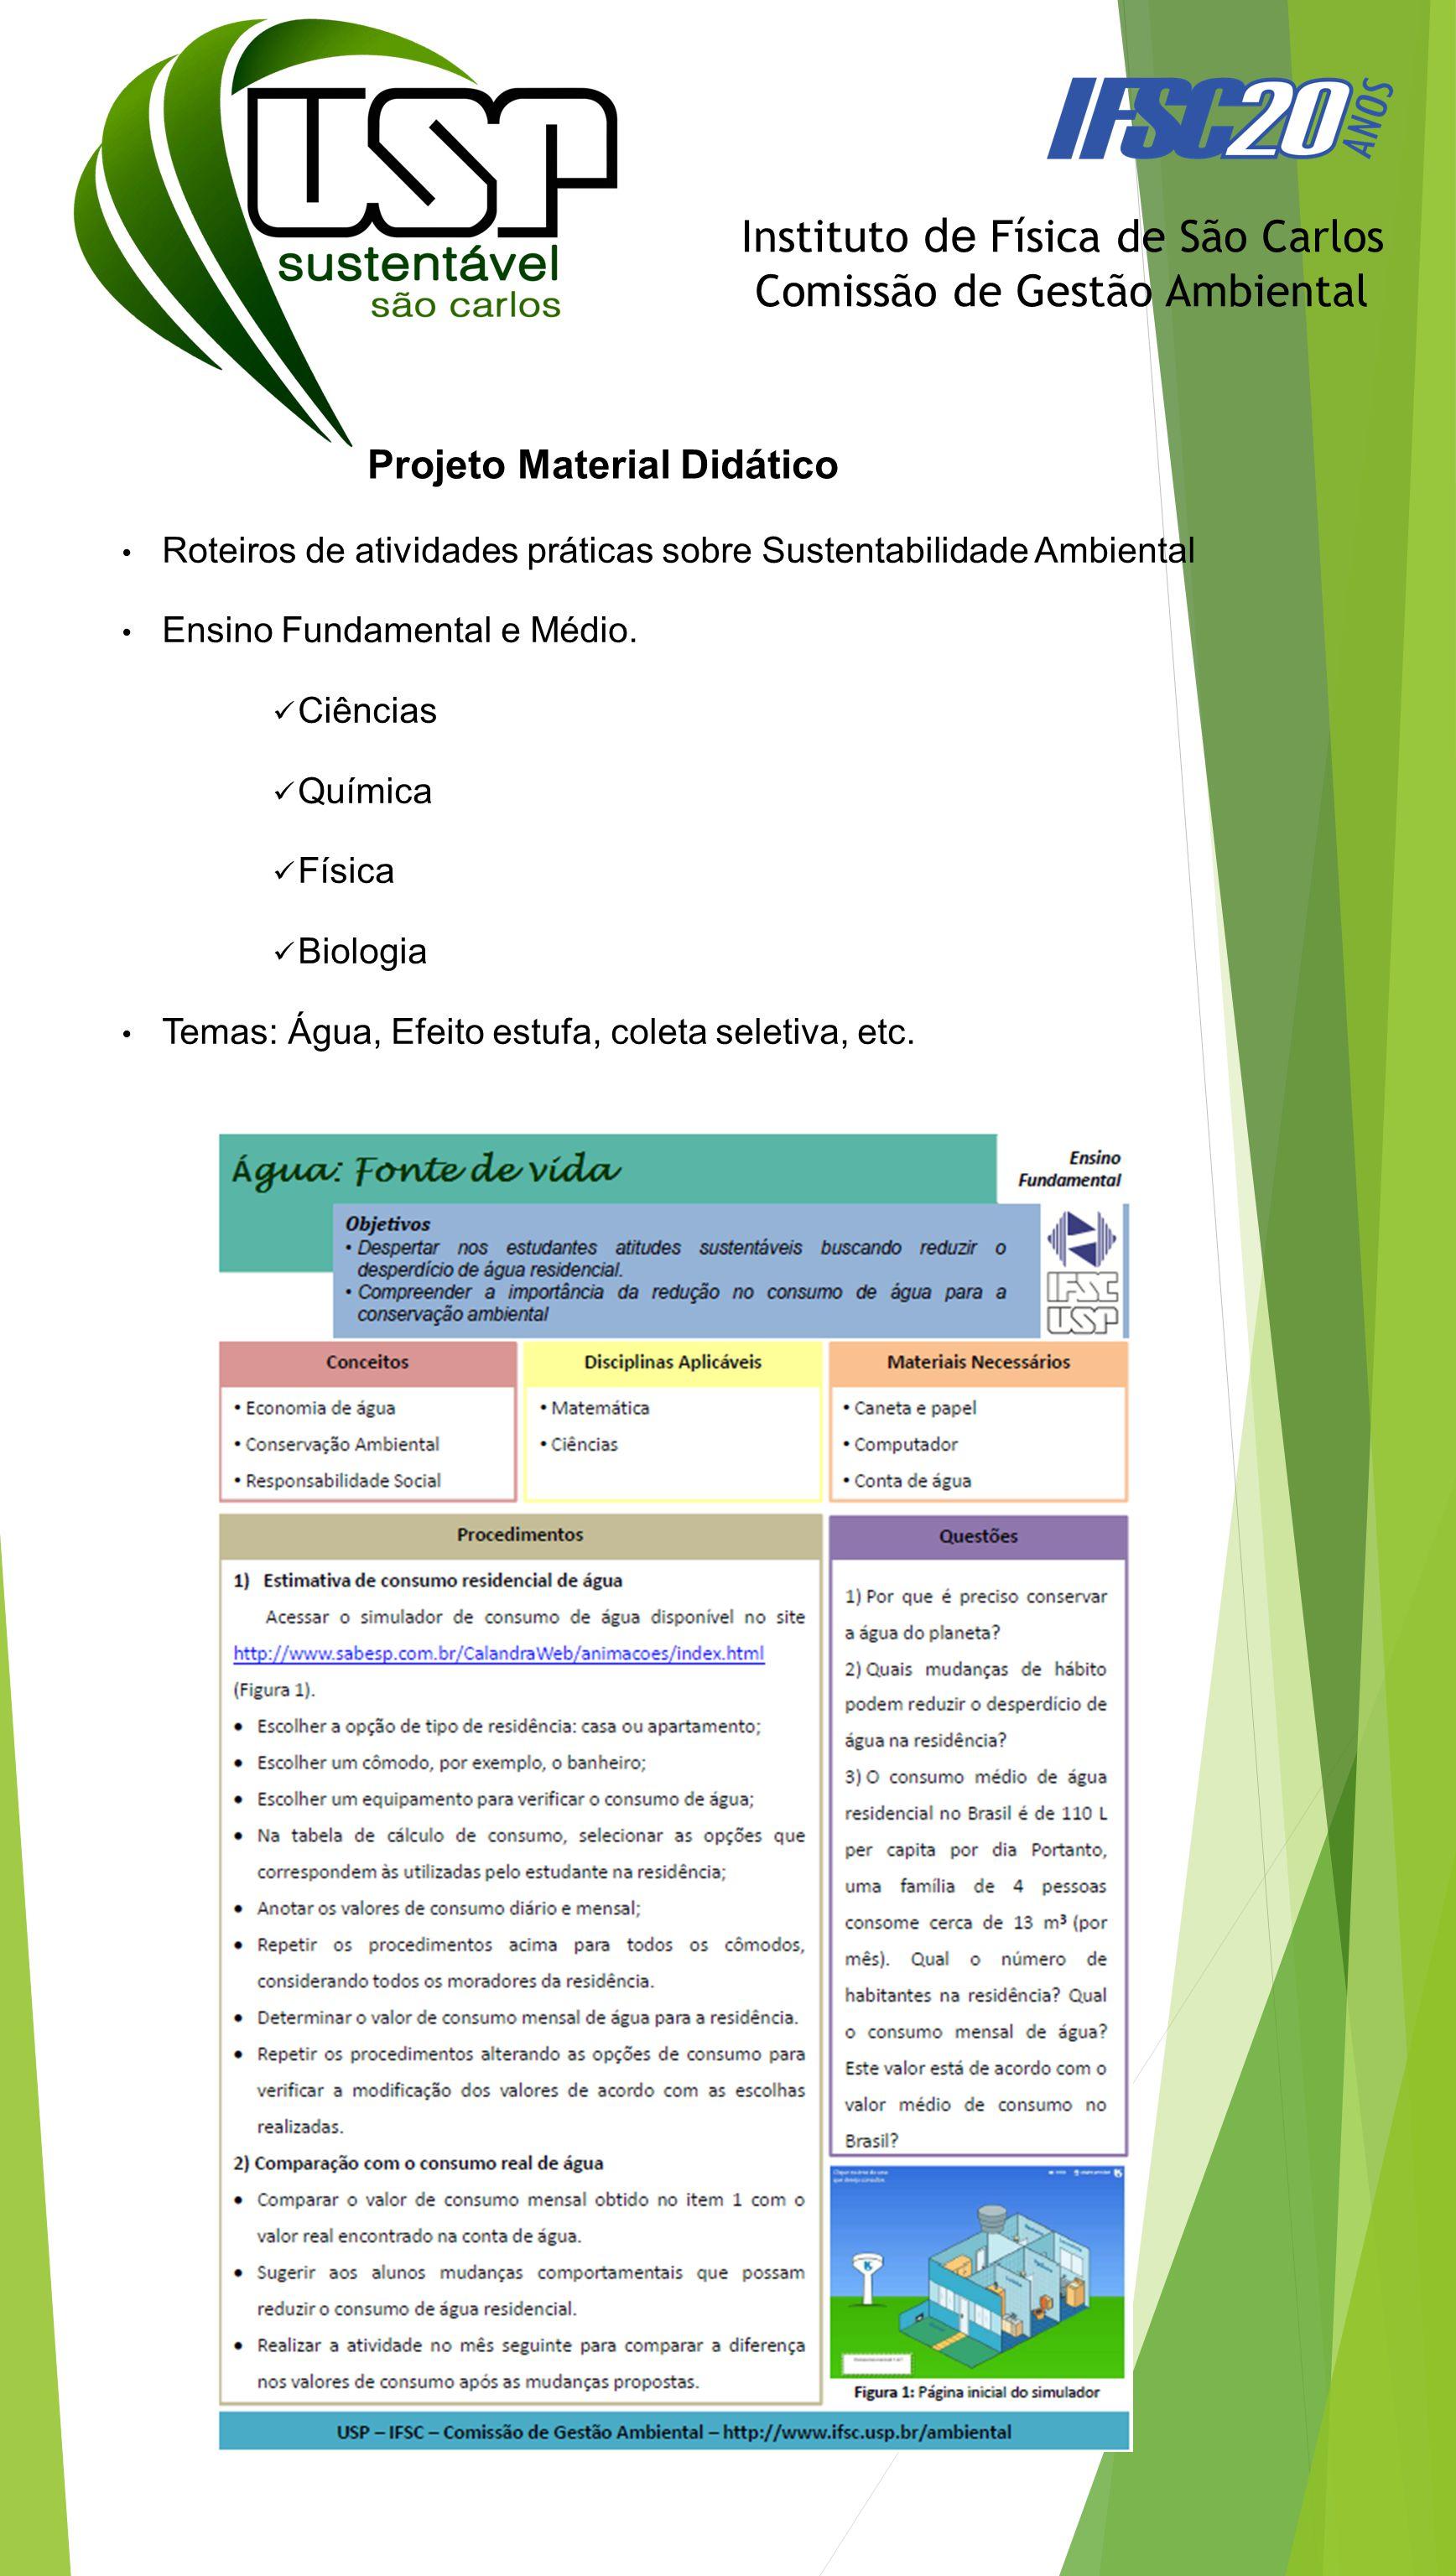 Instituto de Física de São Carlos Comissão de Gestão Ambiental